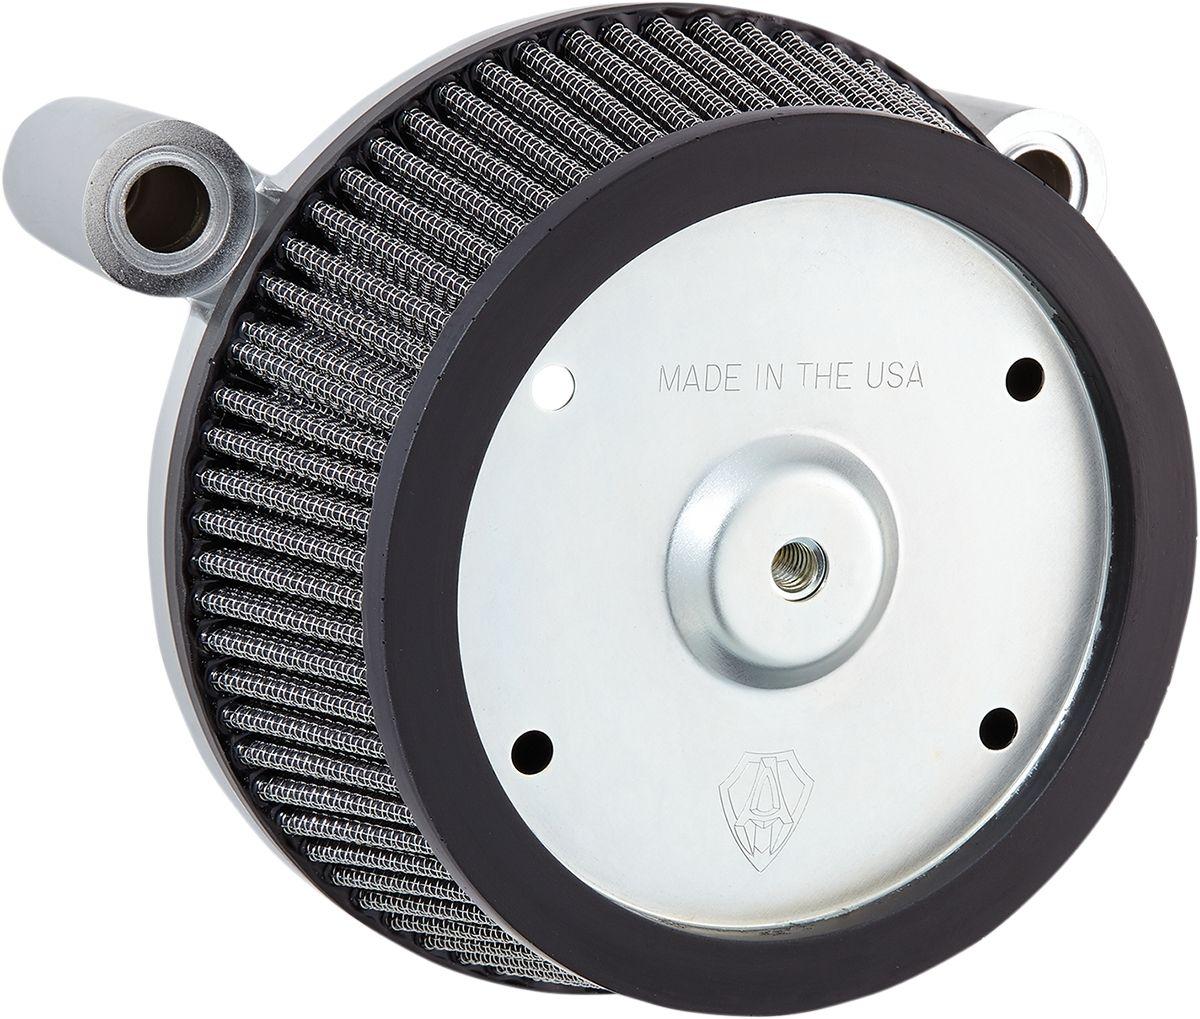 【ARLEN NESS】空氣濾清器總成 BIG SUCKER STG2 99-16 - 「Webike-摩托百貨」